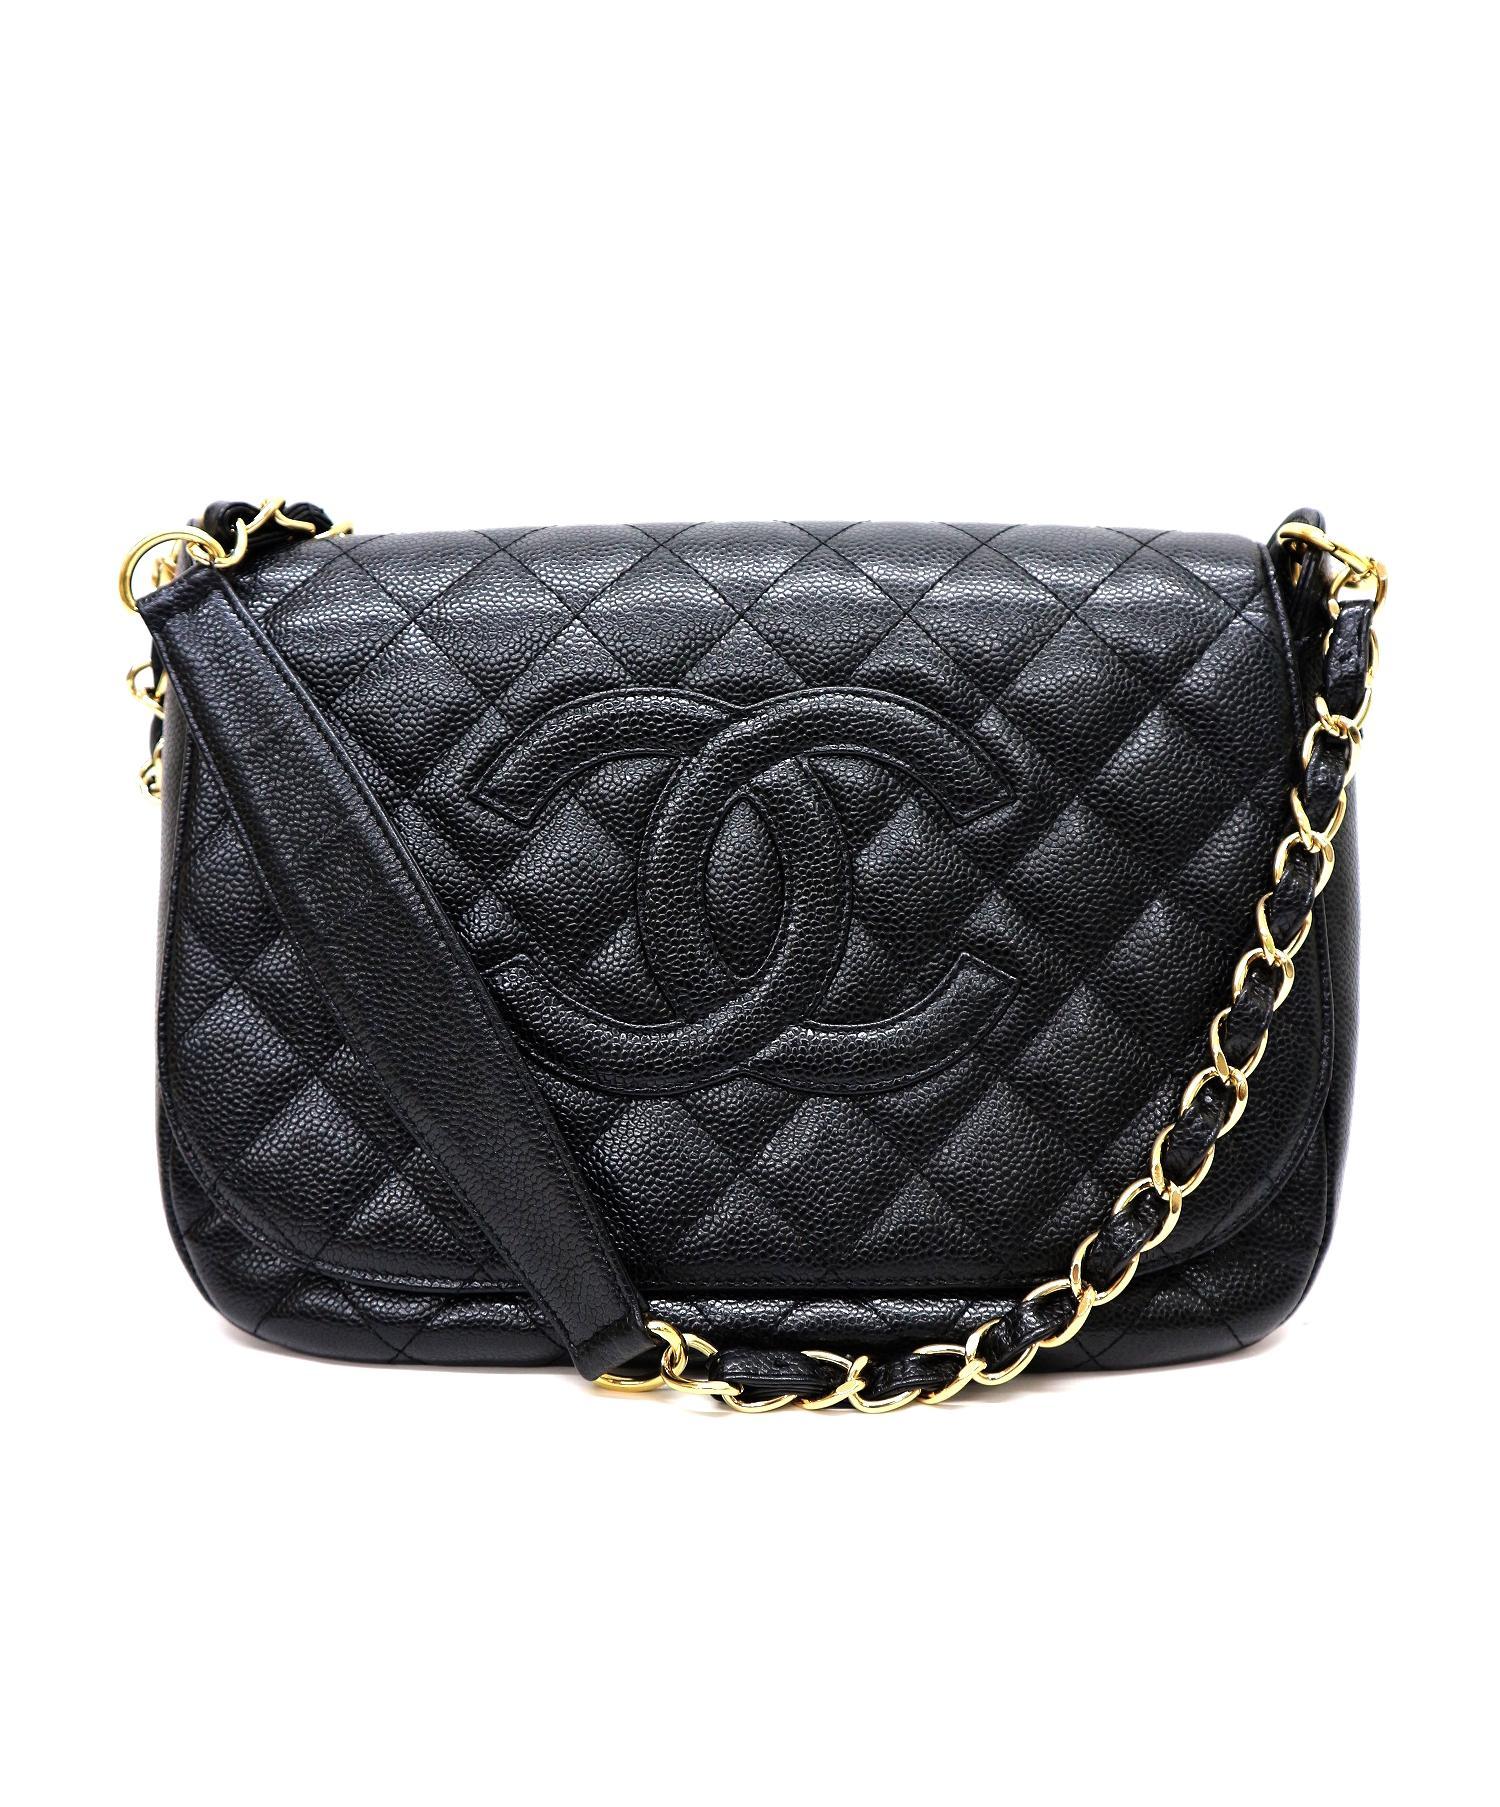 online store f9272 a5357 [中古]CHANEL(シャネル)のレディース バッグ ショルダーバッグ